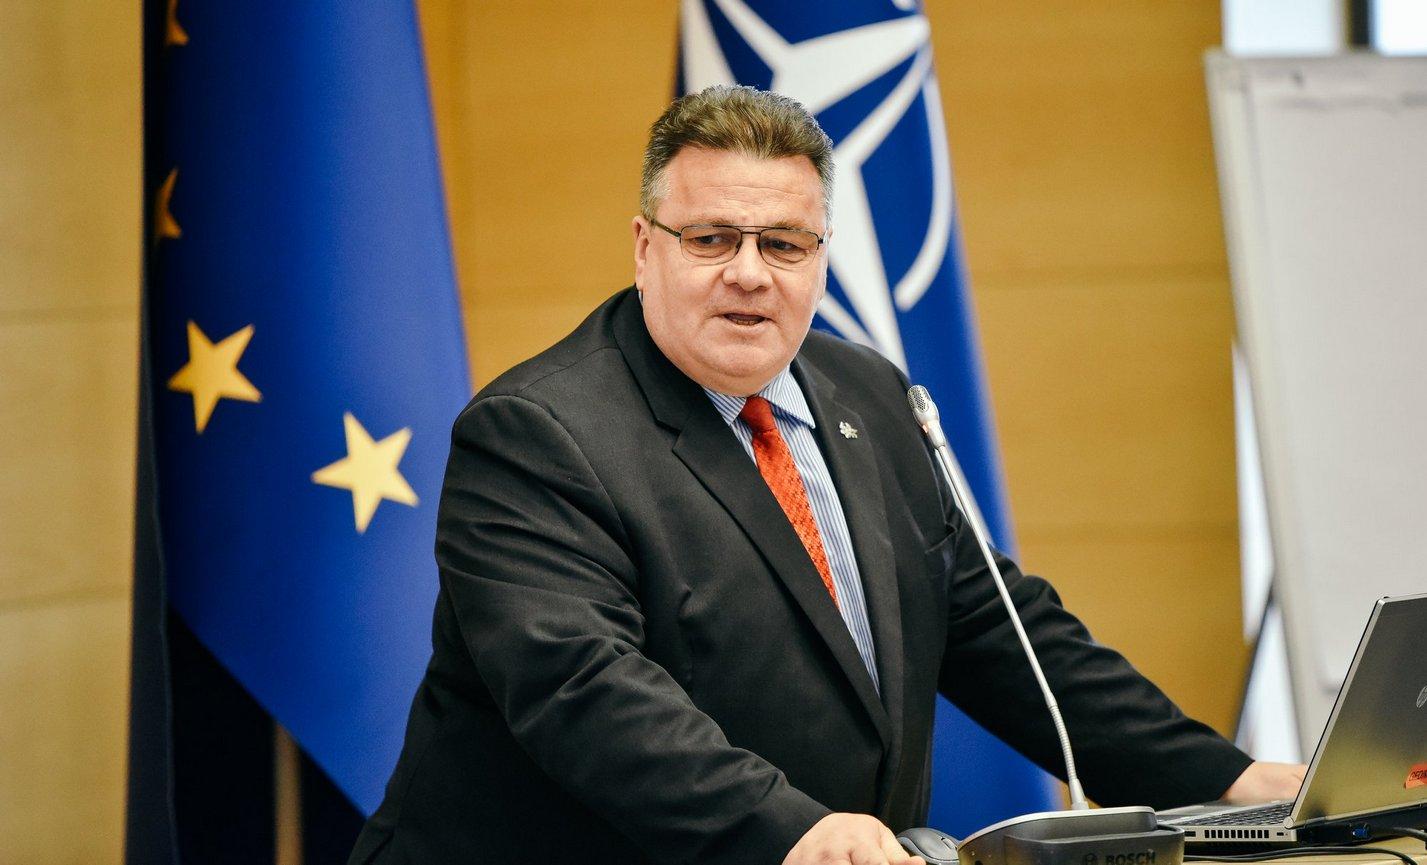 Девять стран ЕС просят внести изменения в Пакет мобильности и не принимать в текущей редакции 1